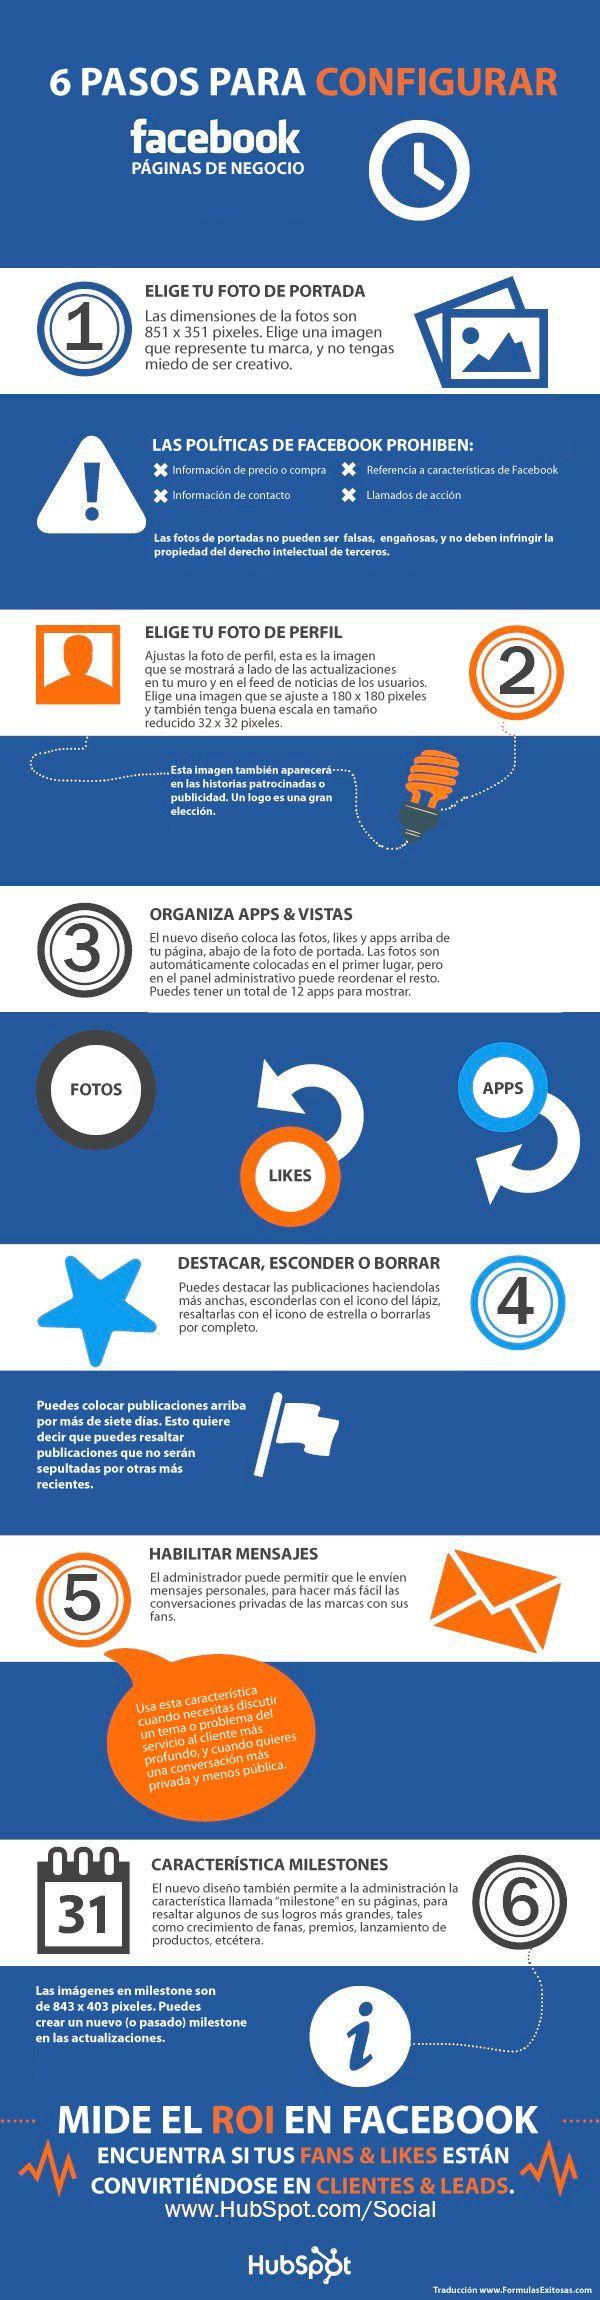 6 Pasos para Configurar tu Página de Facebook #Infografia